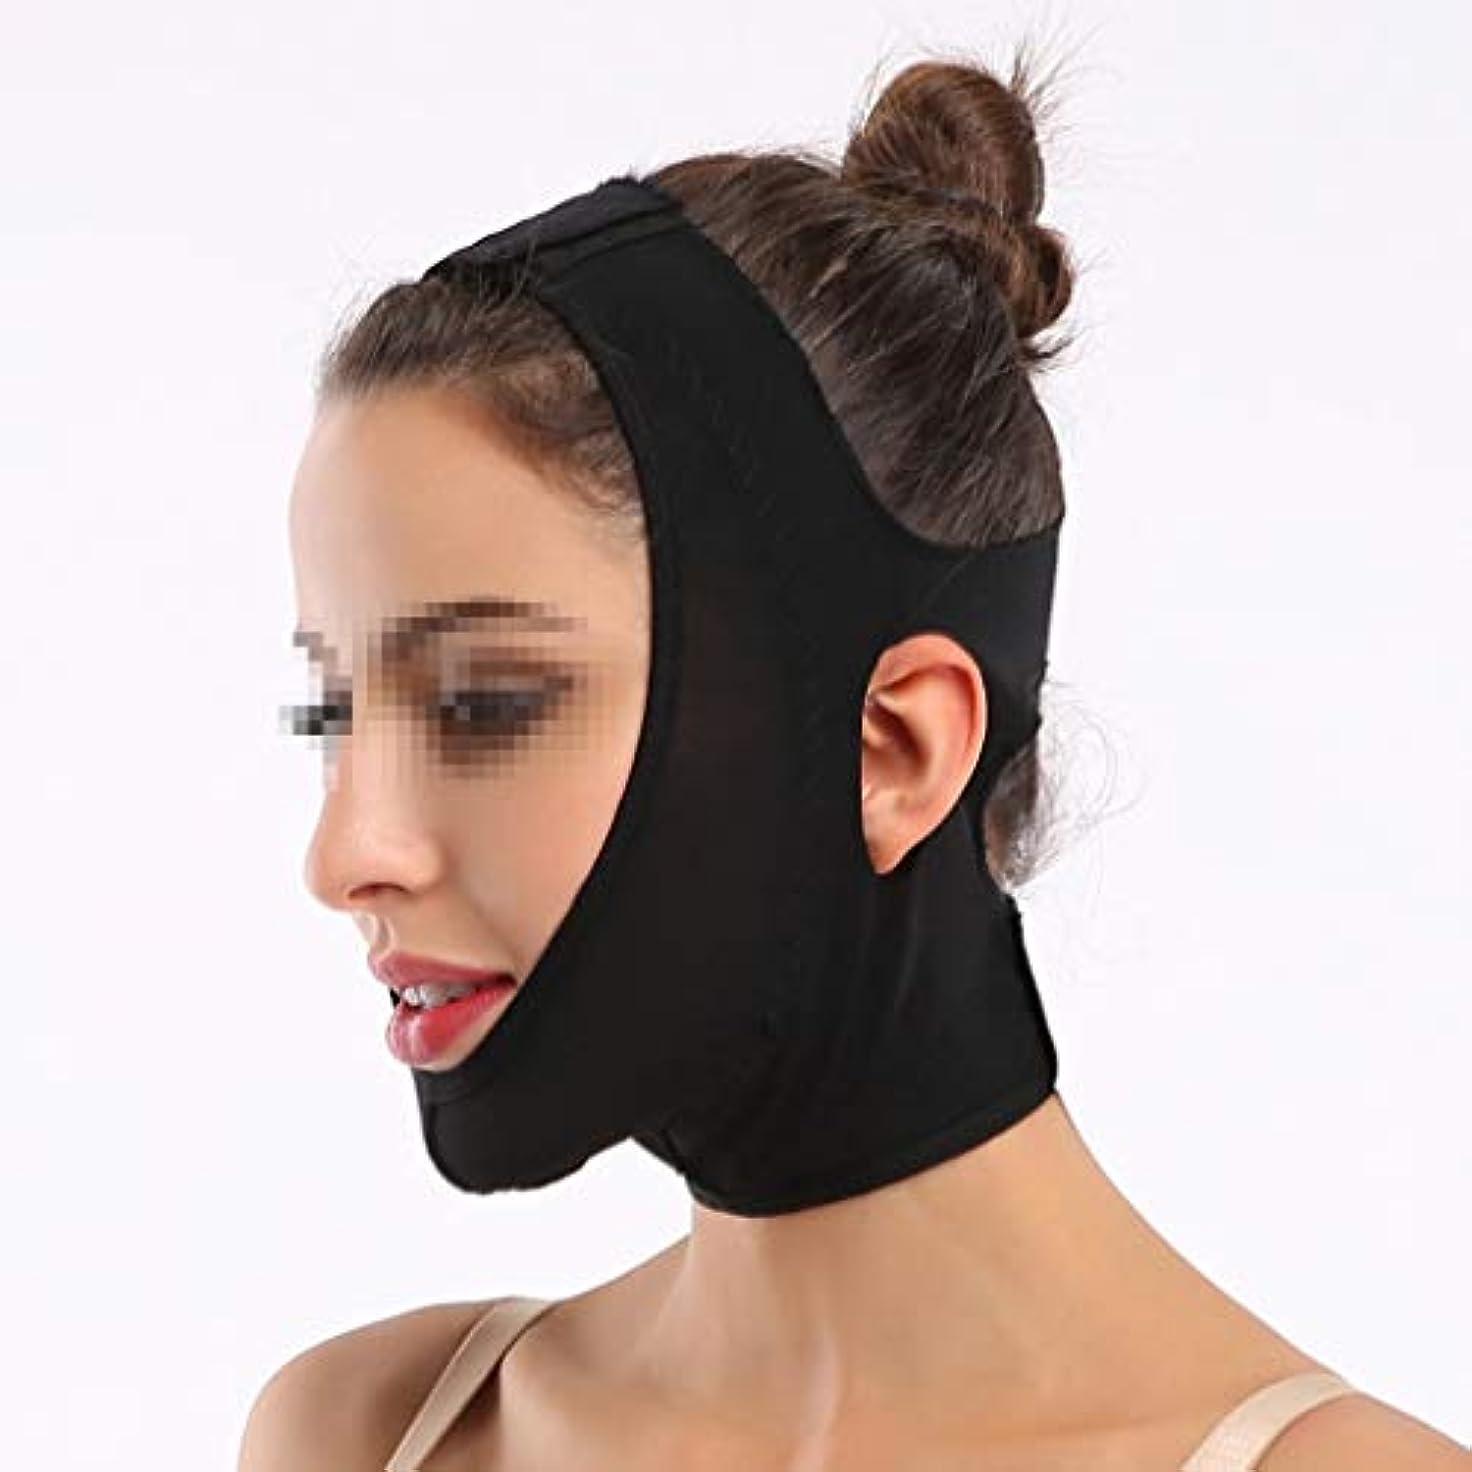 はちみつ方程式プロペラXHLMRMJ Vフェイスマスク、包帯マスクを持ち上げて引き締めるスキニービューティーサロン1日2時間Vフェイスマッサージ術後回復